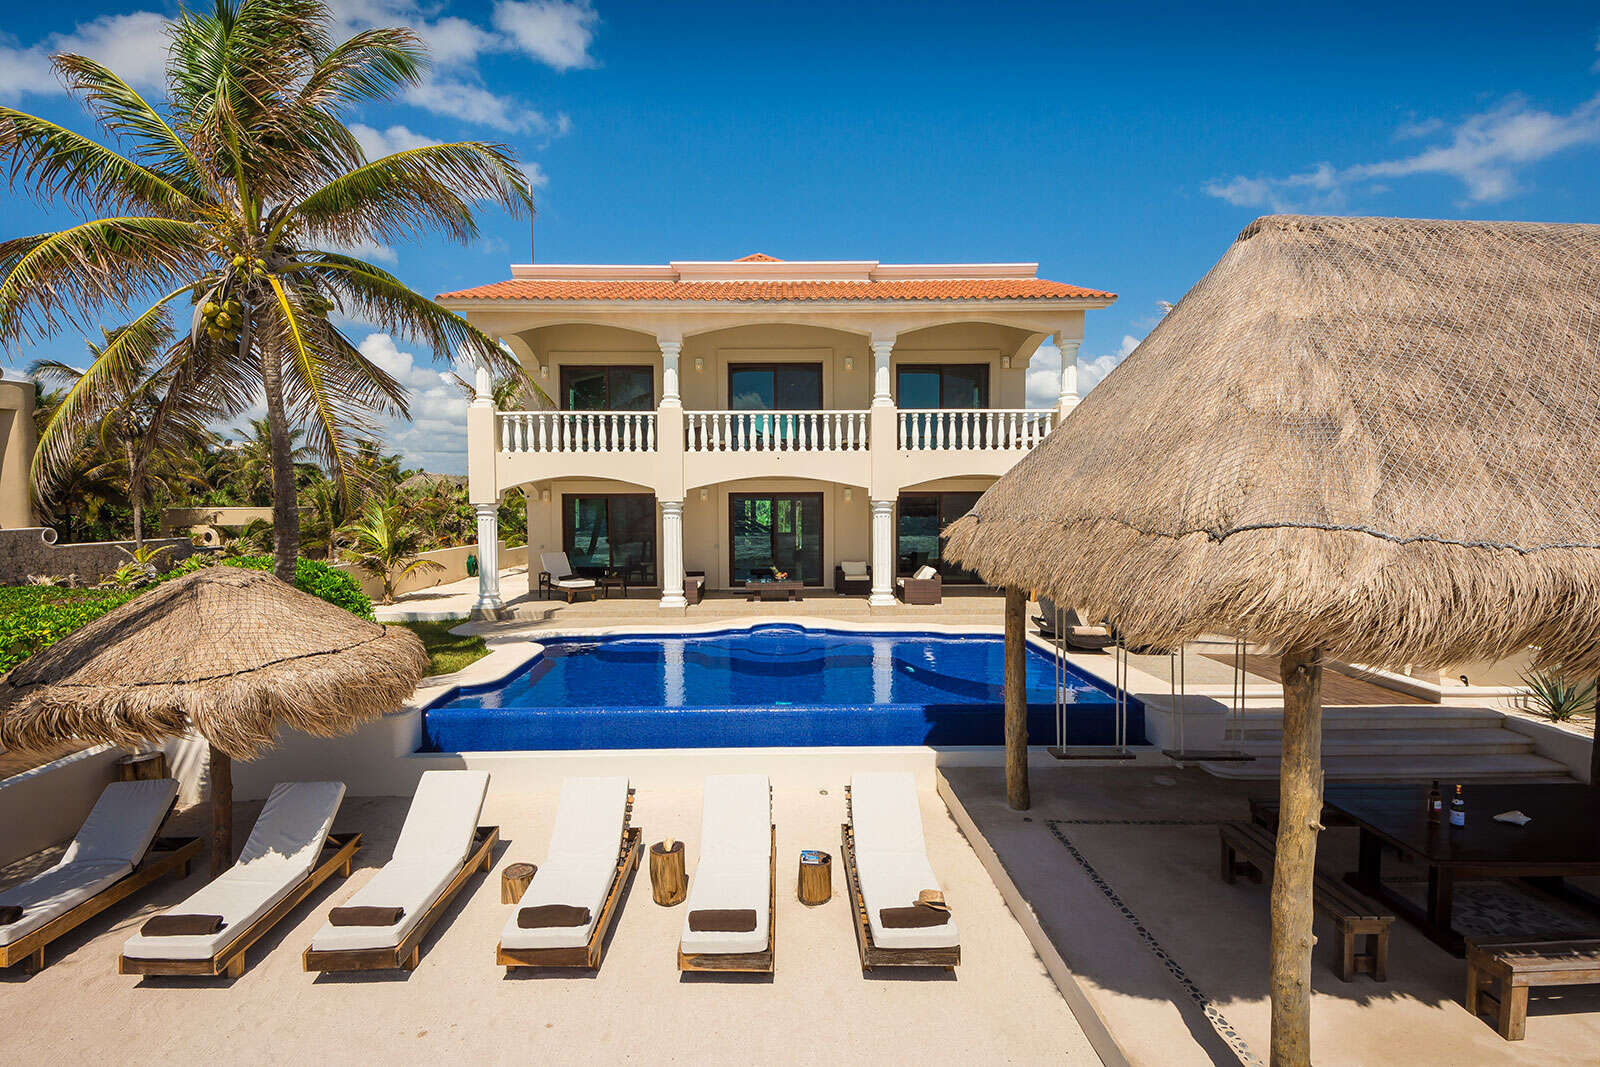 Luxury vacation rentals mexico - Riviera maya - Tulum - Tankah bay area - Villa Sofia - Image 1/21